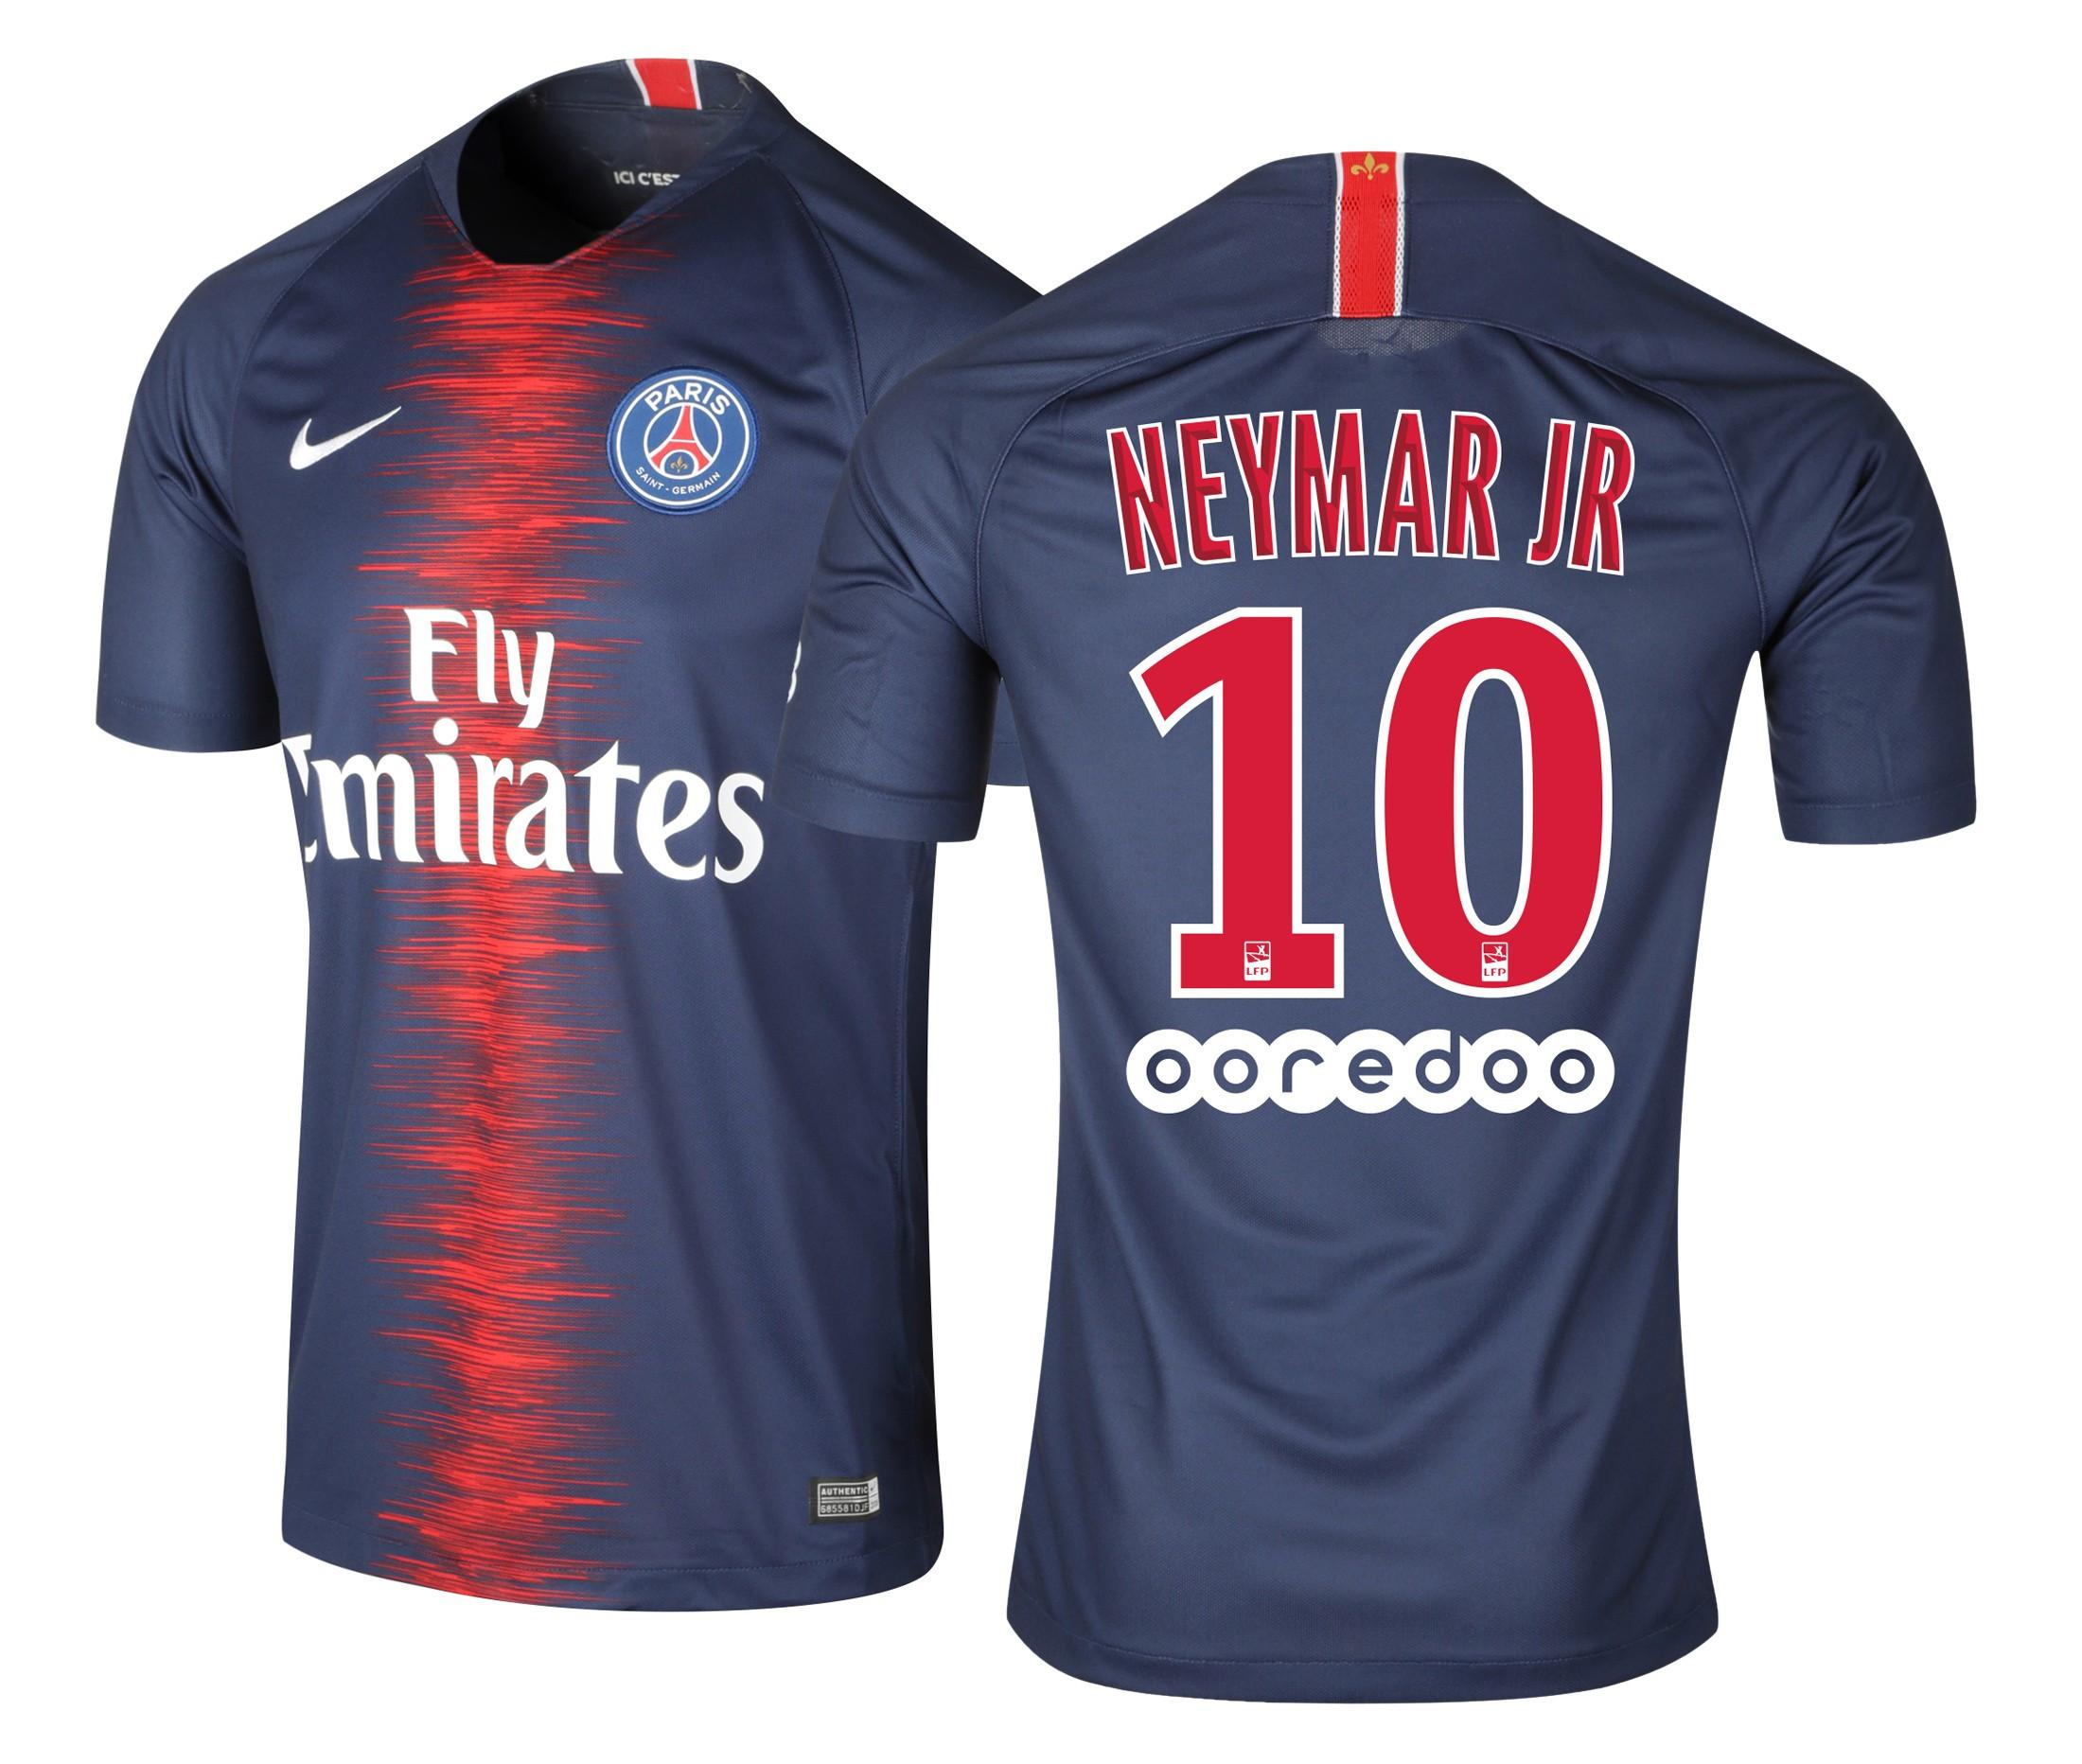 maillot paris neymar